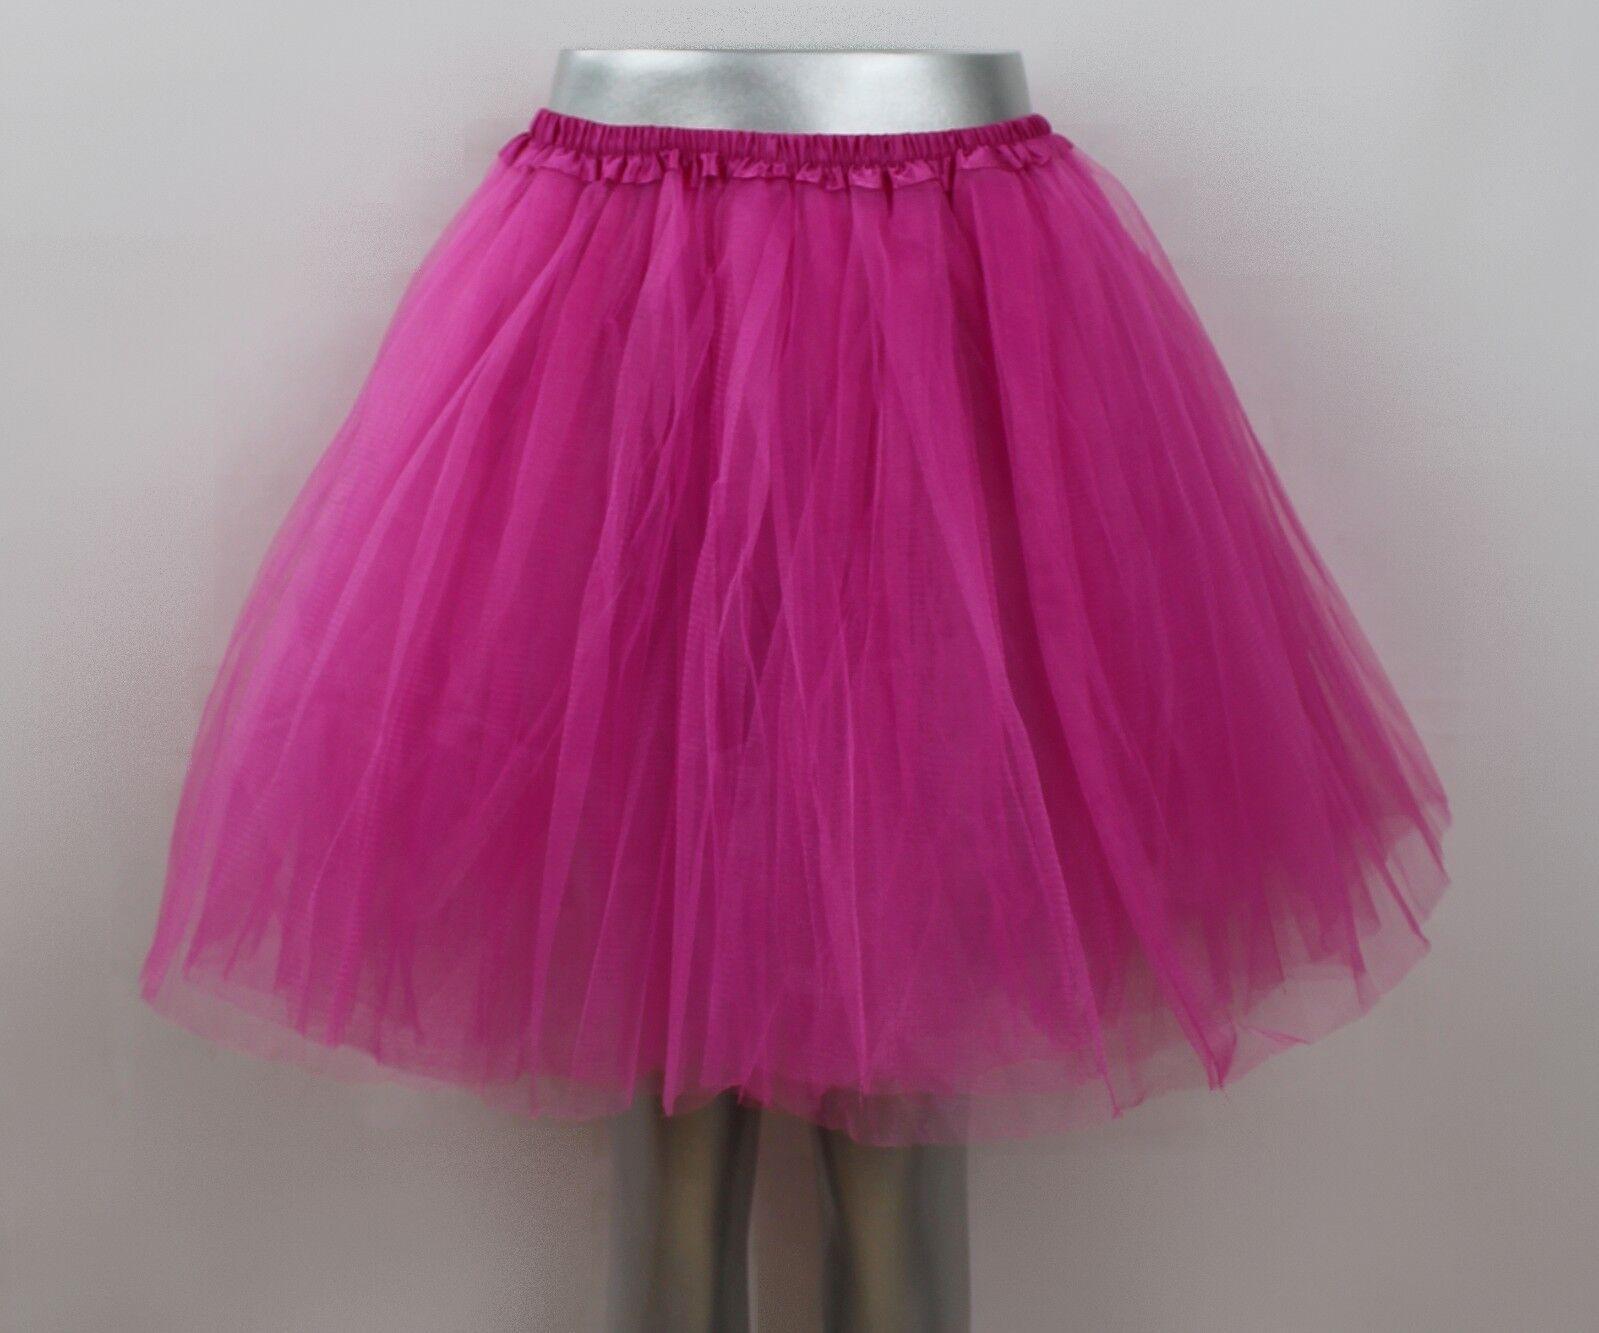 Groß - Pink